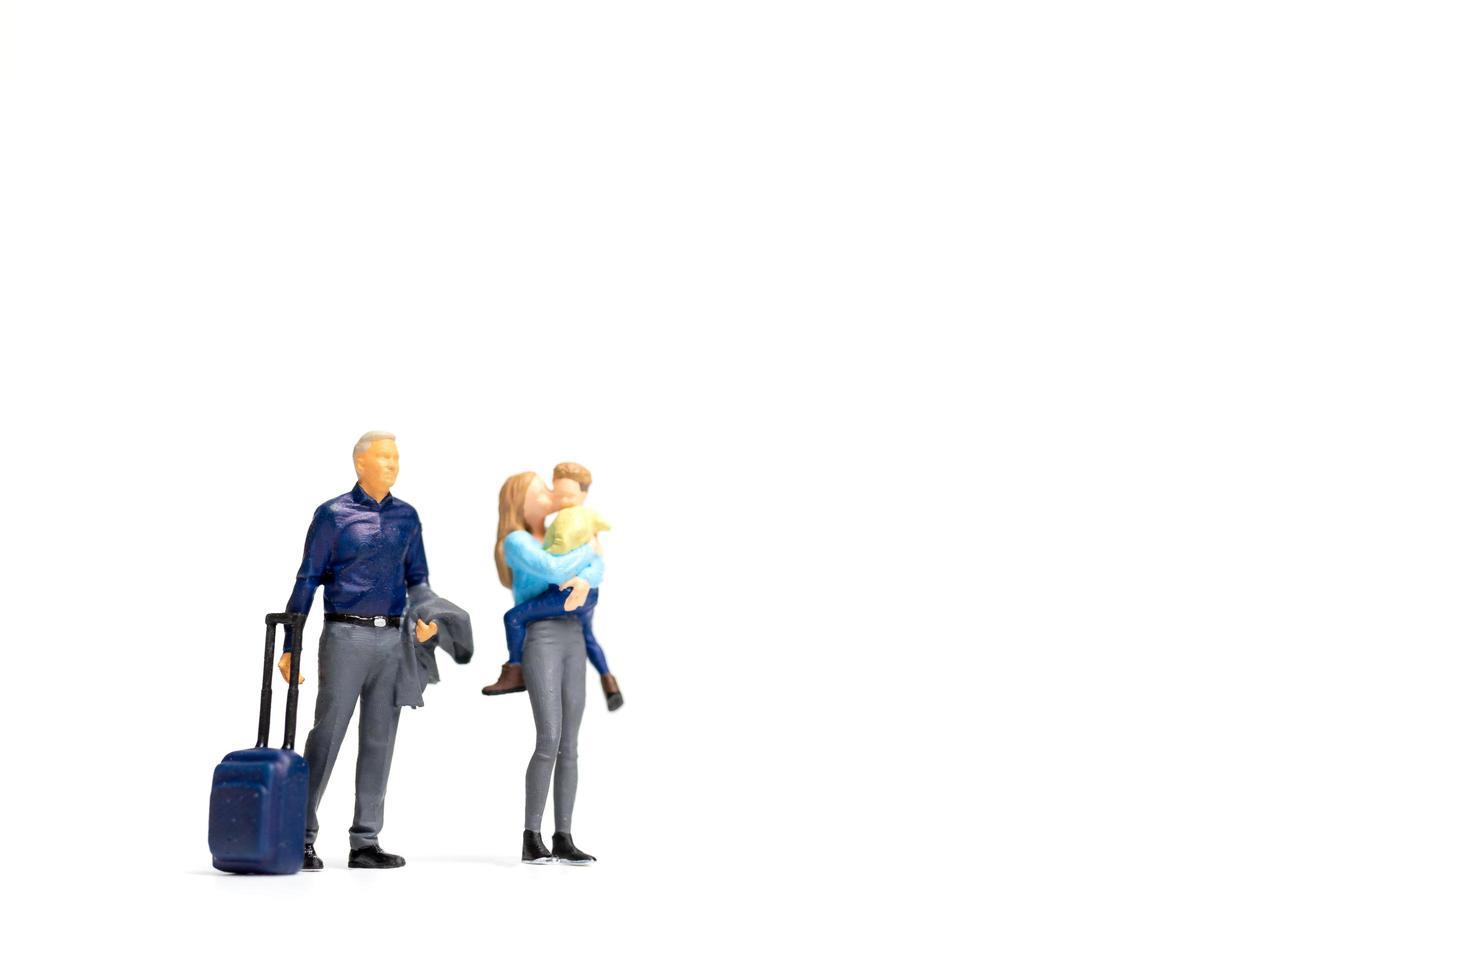 Gente en miniatura, familia feliz de pie sobre un fondo blanco y espacio para copiar texto foto